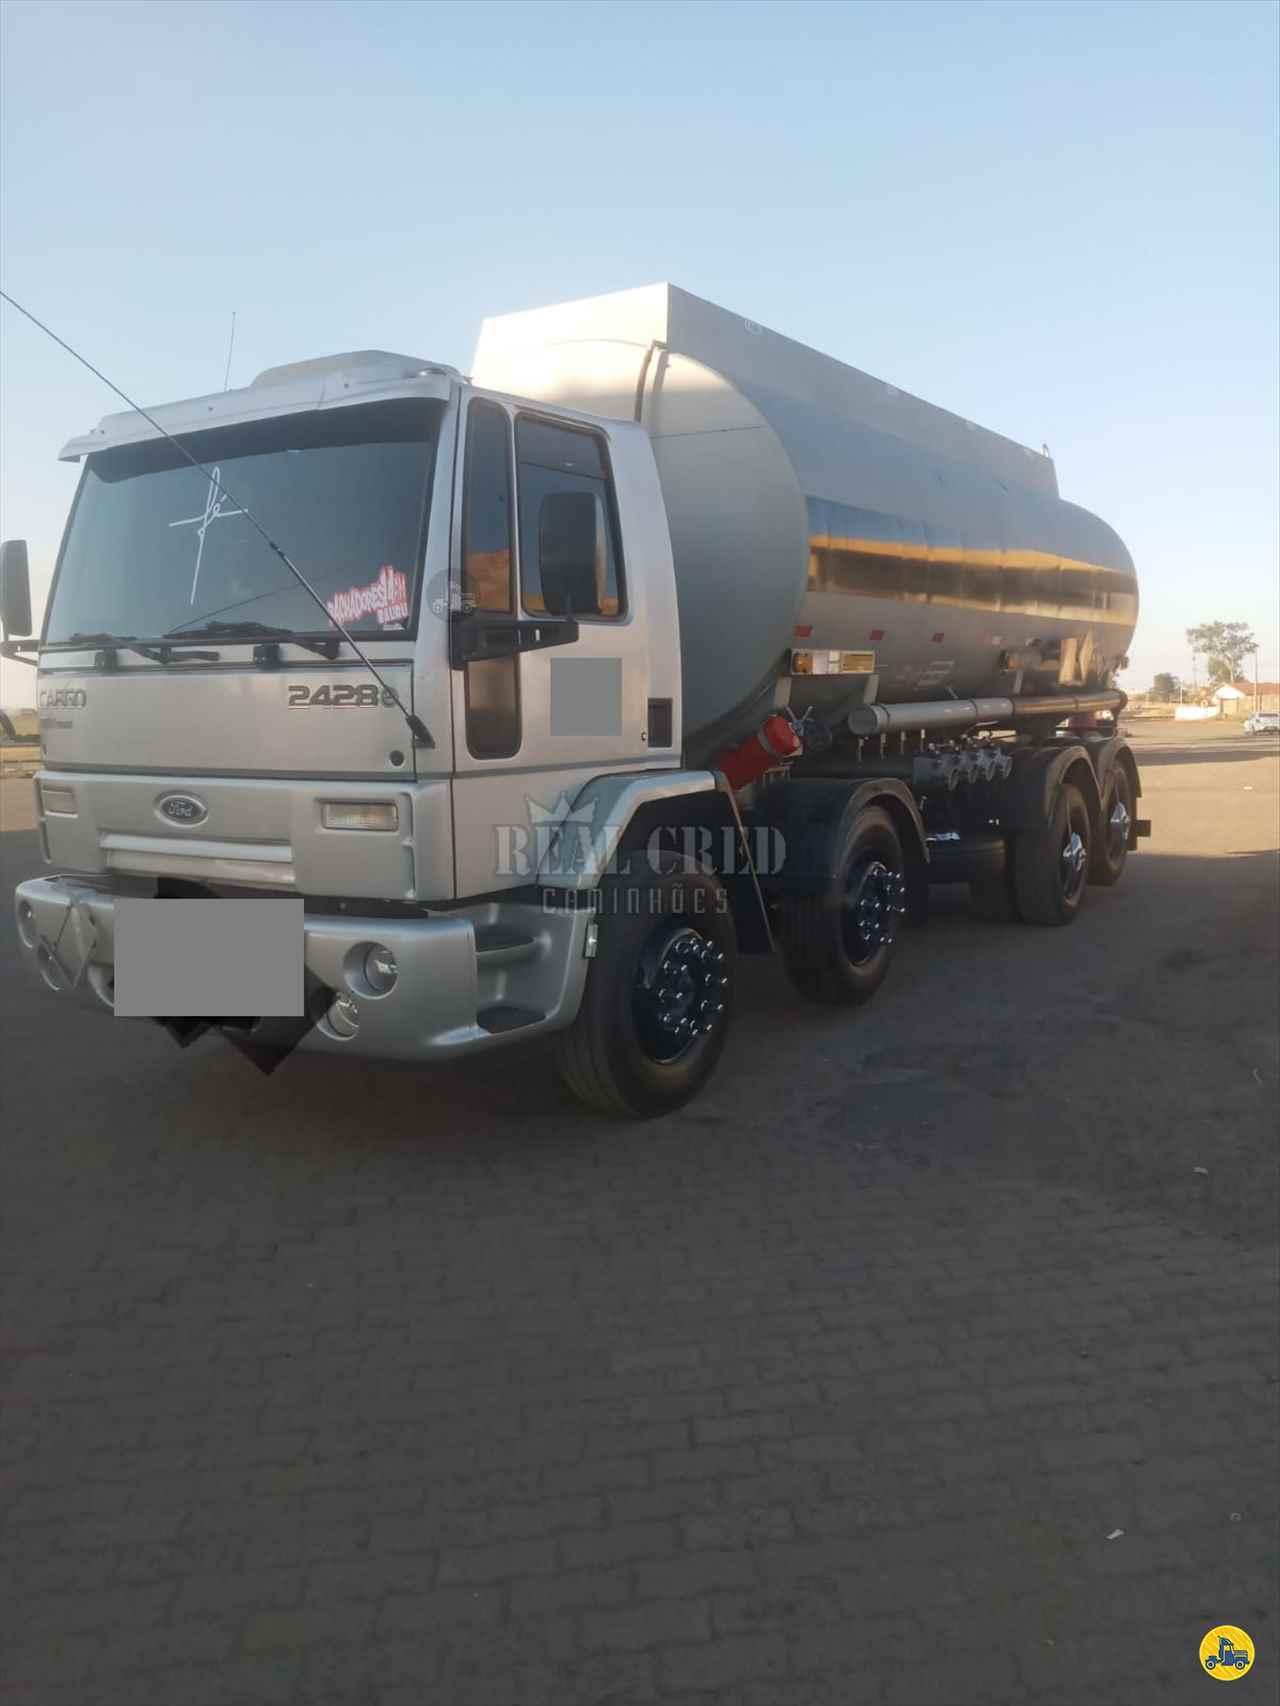 CAMINHAO FORD CARGO 2428 Tanque Aço BiTruck 8x2 Real Cred Caminhões PIEDADE SÃO PAULO SP